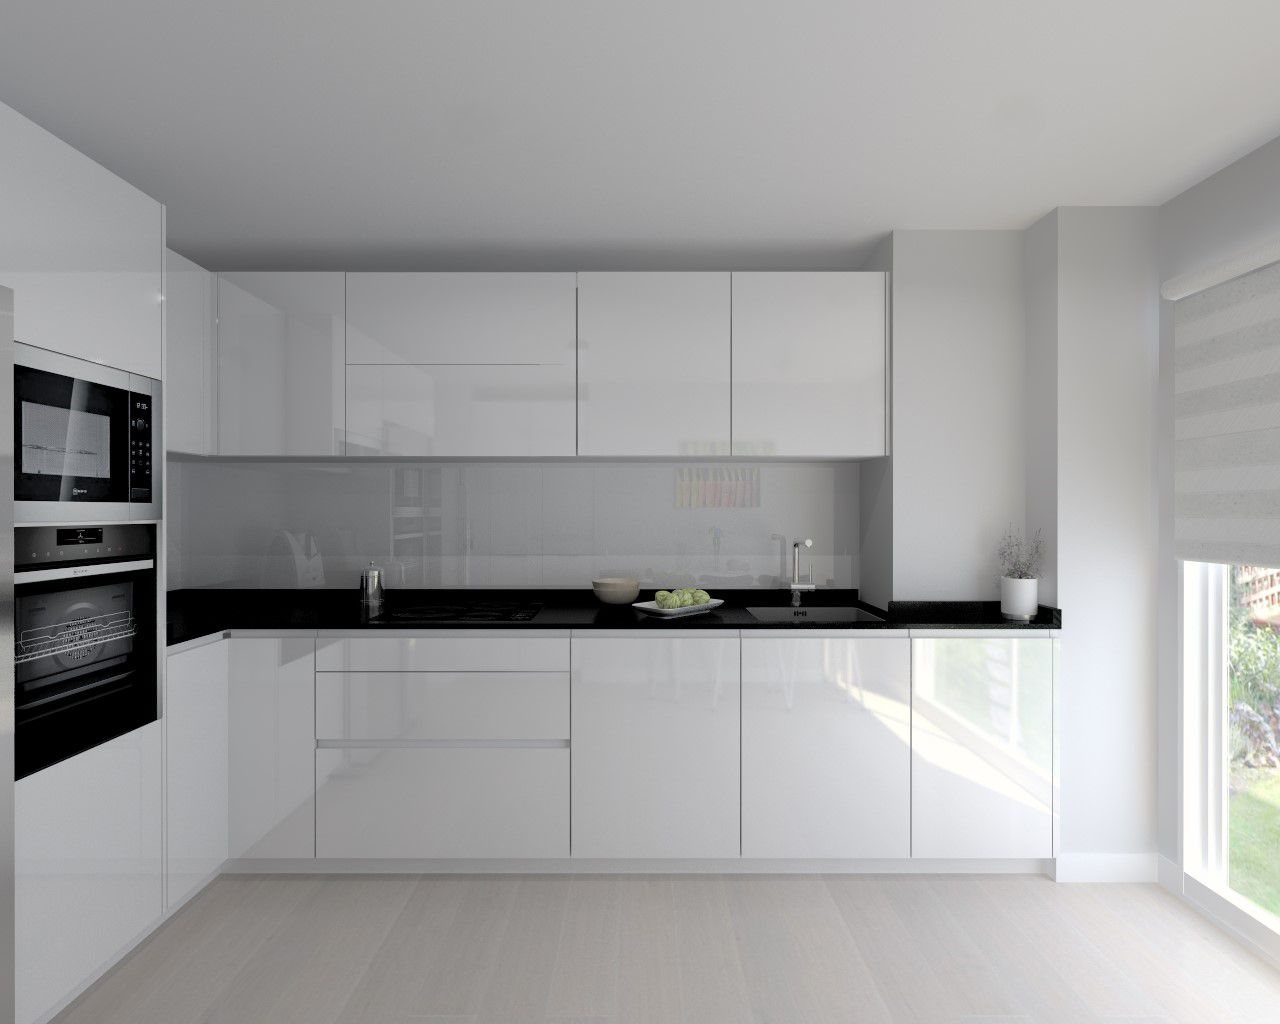 Cocina santos modelo line laminado blanco brillo encimera - Encimera granito blanco ...